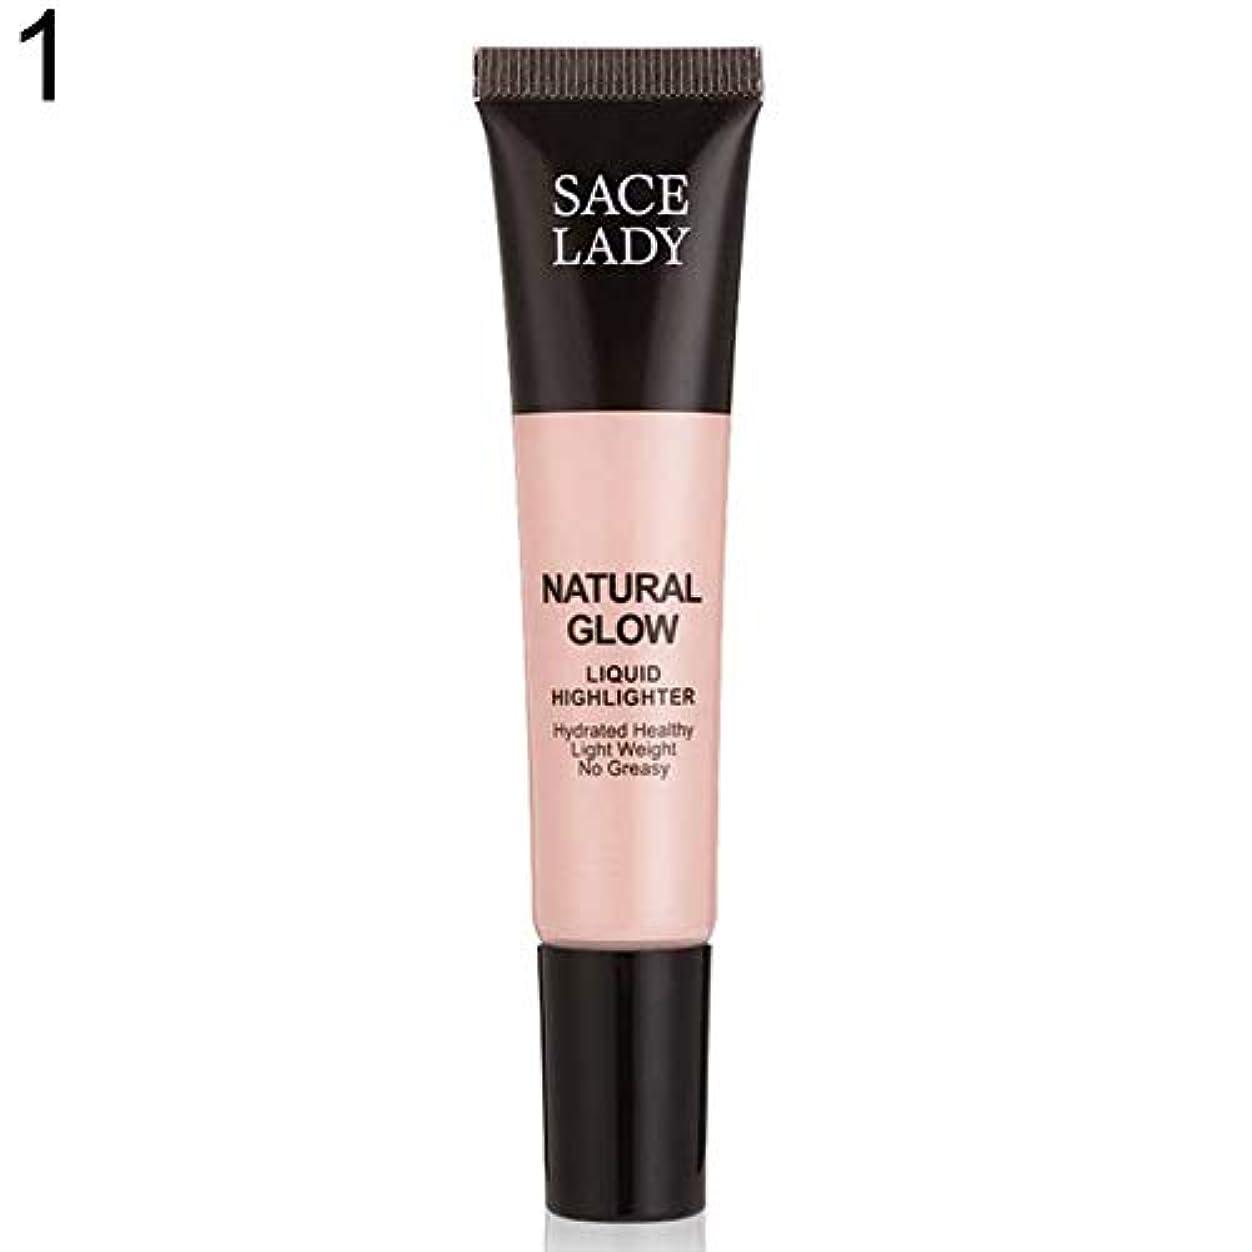 記念碑的なロイヤリティ着飾るSACE LADY液体蛍光ペン水和非脂っこい化粧顔ブロンザー - 1#